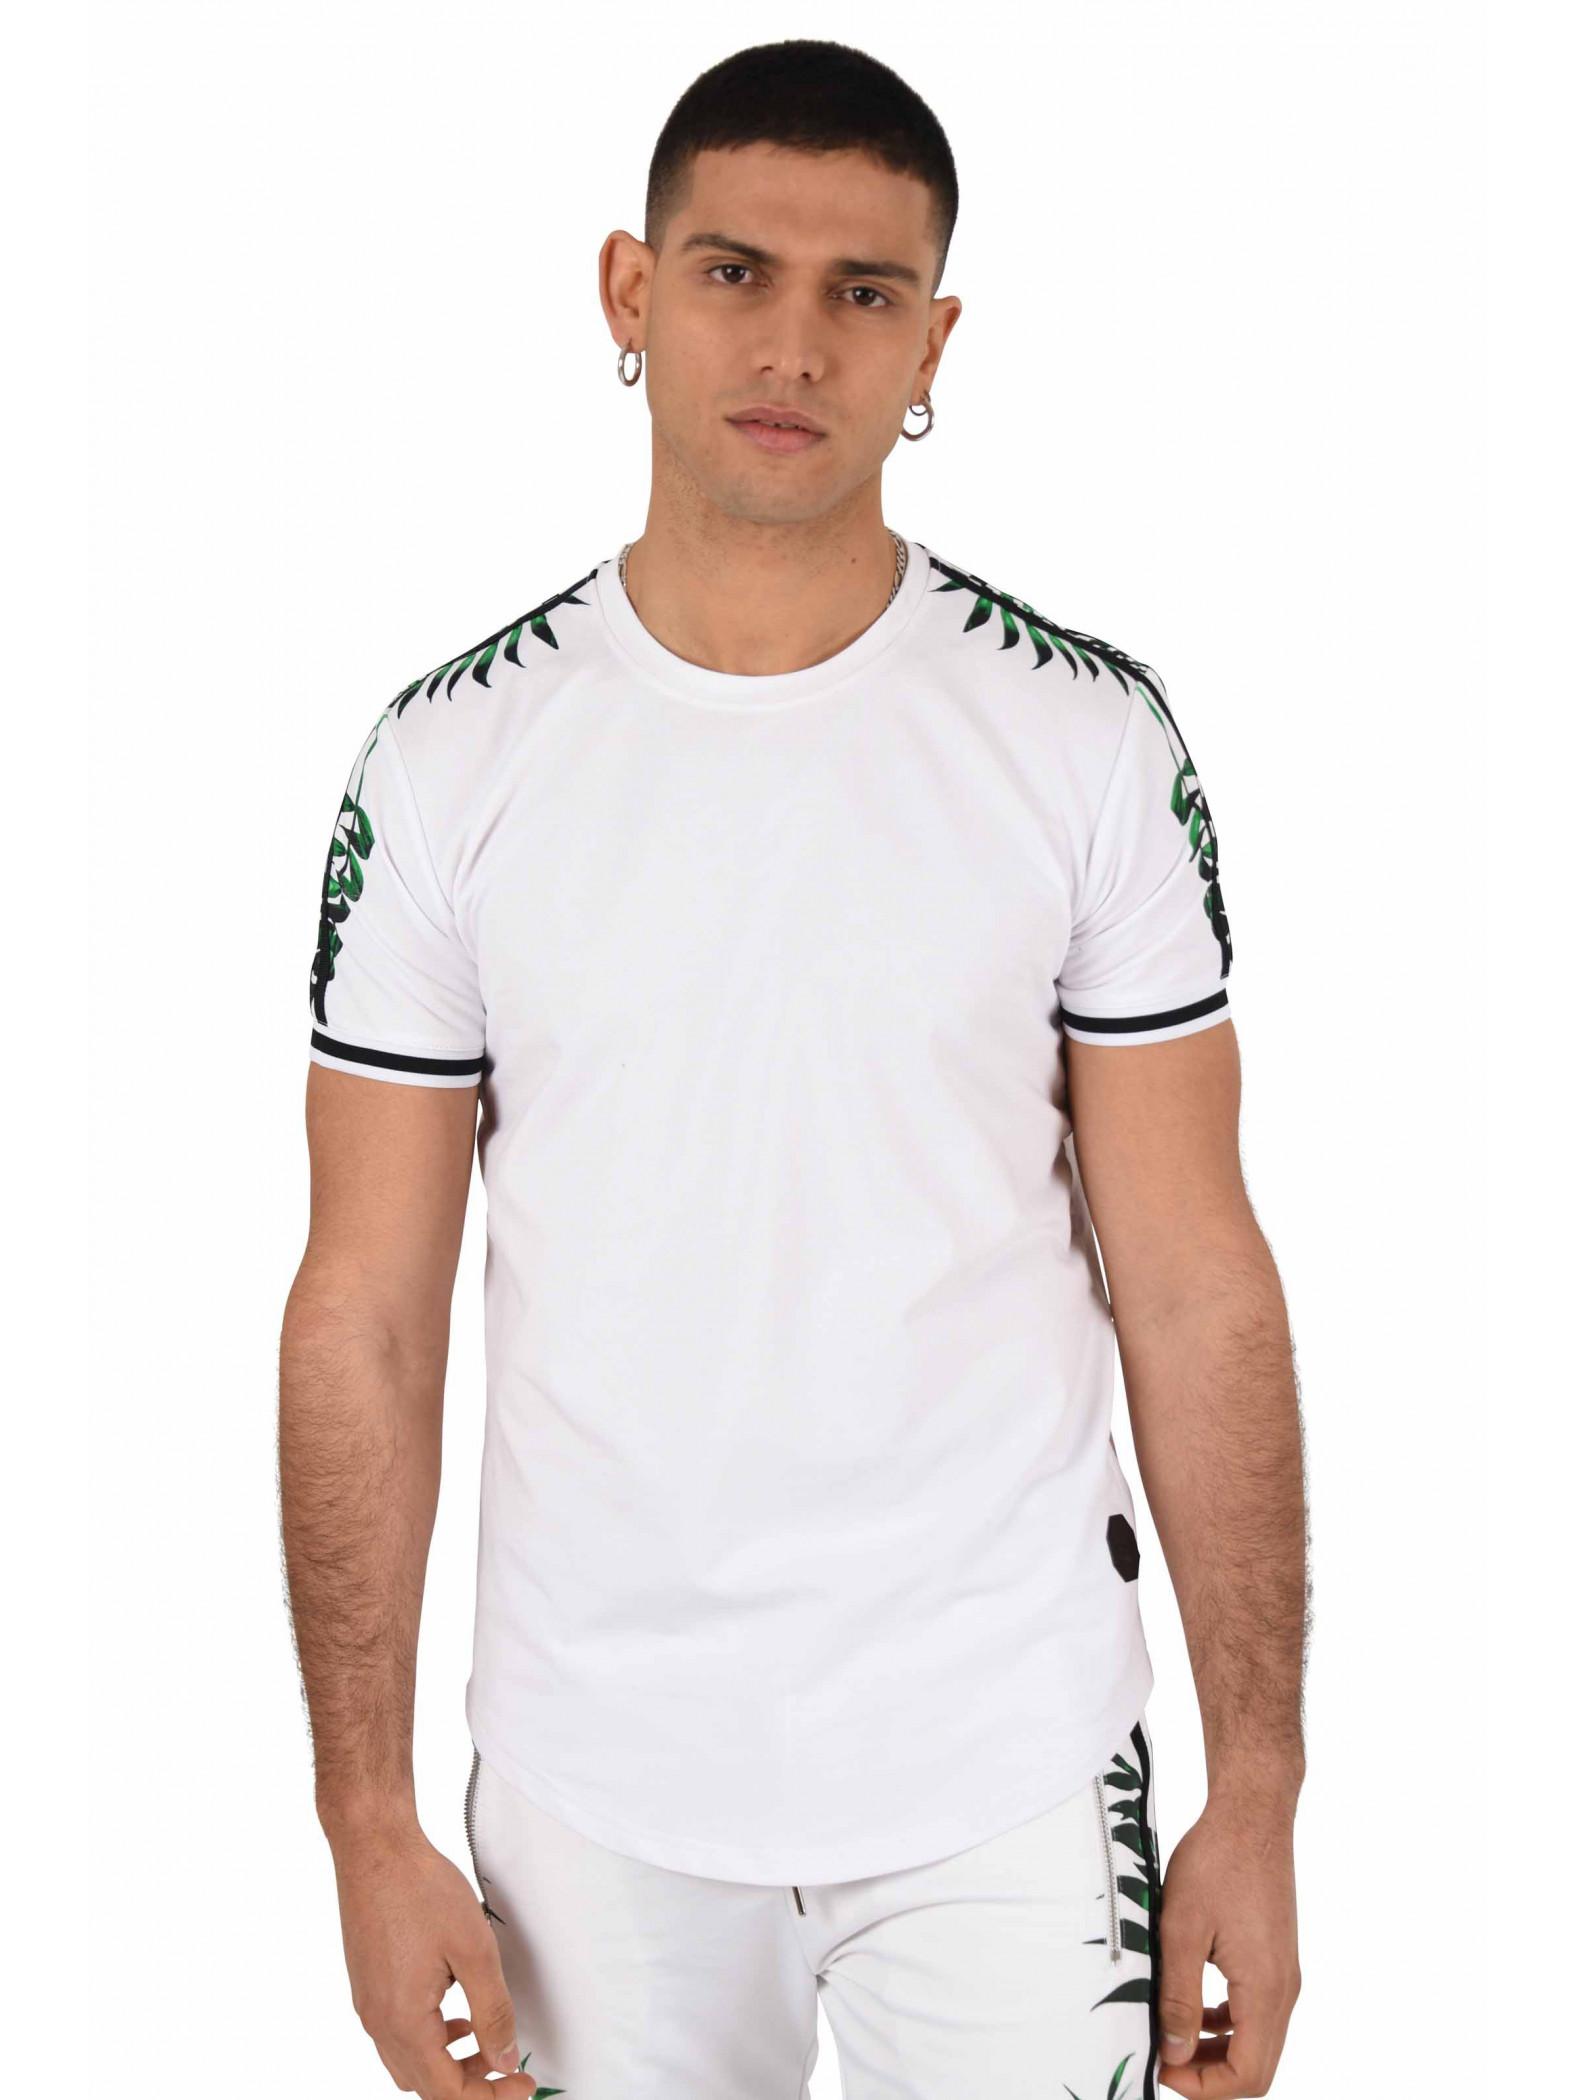 3e440b32610d Tee shirt col rond imprimé tropical double bande Homme Project X Paris.  SOLDES